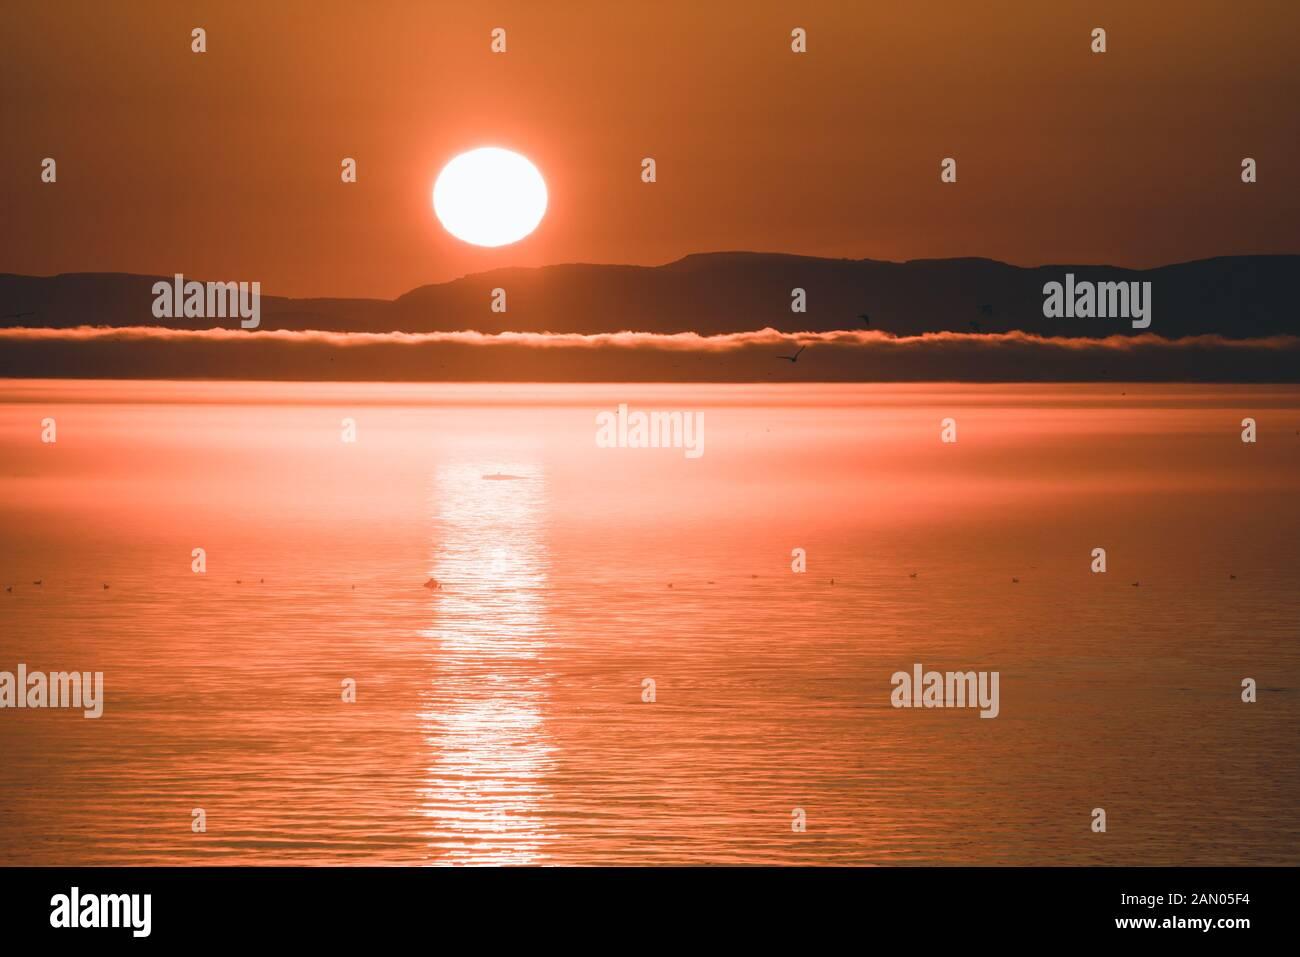 Hermosa puesta de sol con montañas y icebergs. Círculo ártico y océano. Amanecer con cielo rosa durante el sol de medianoche. Foto de stock